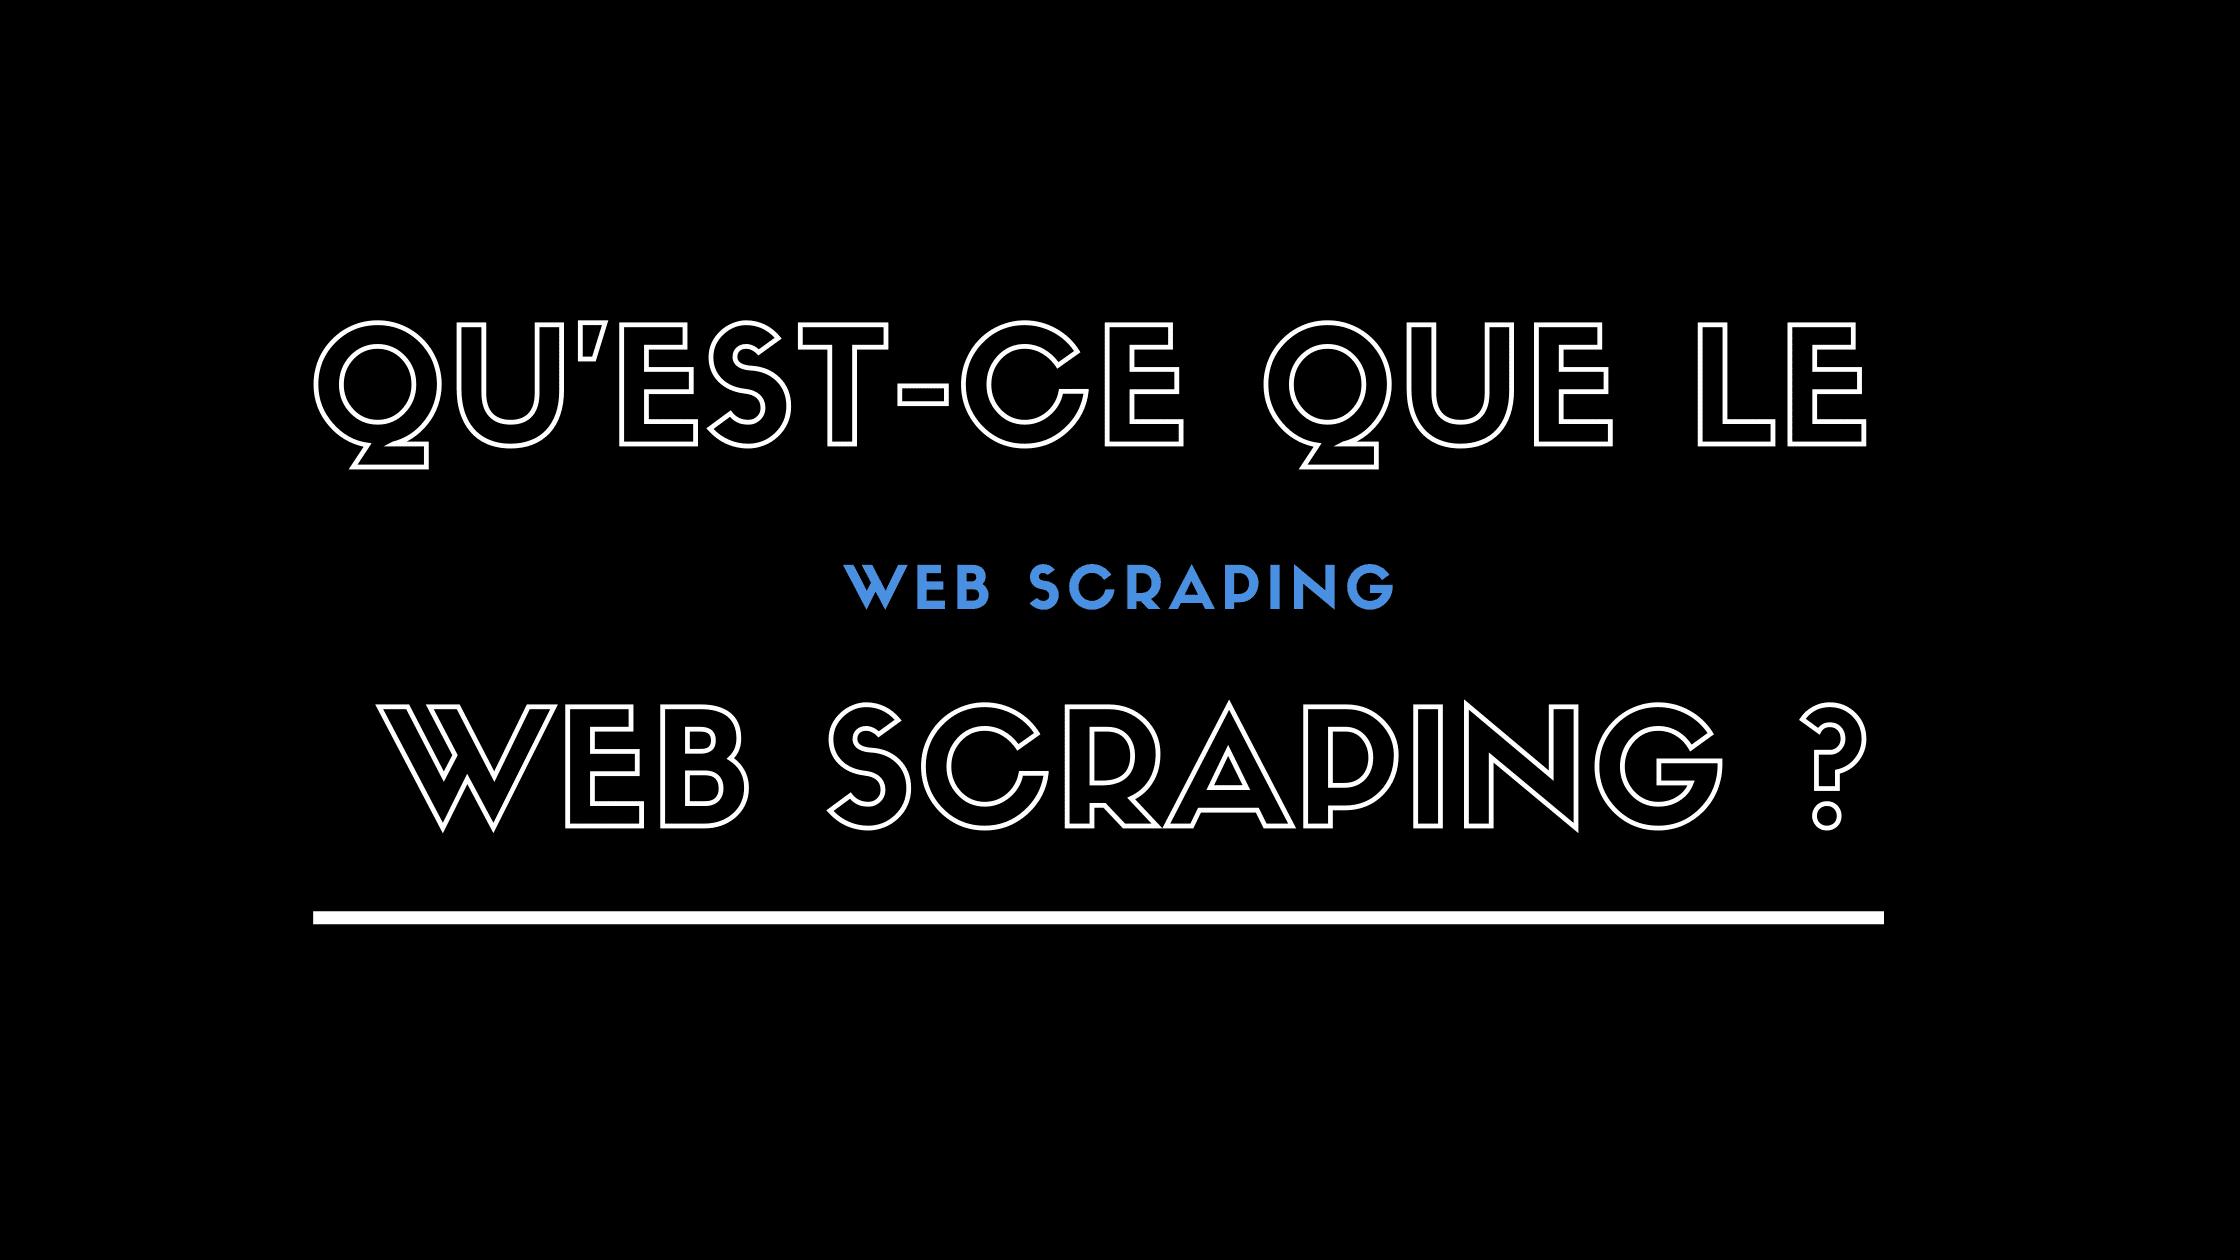 Qu'est-ce que le Web Scraping ? Tout ce que vous devez savoir 🔥